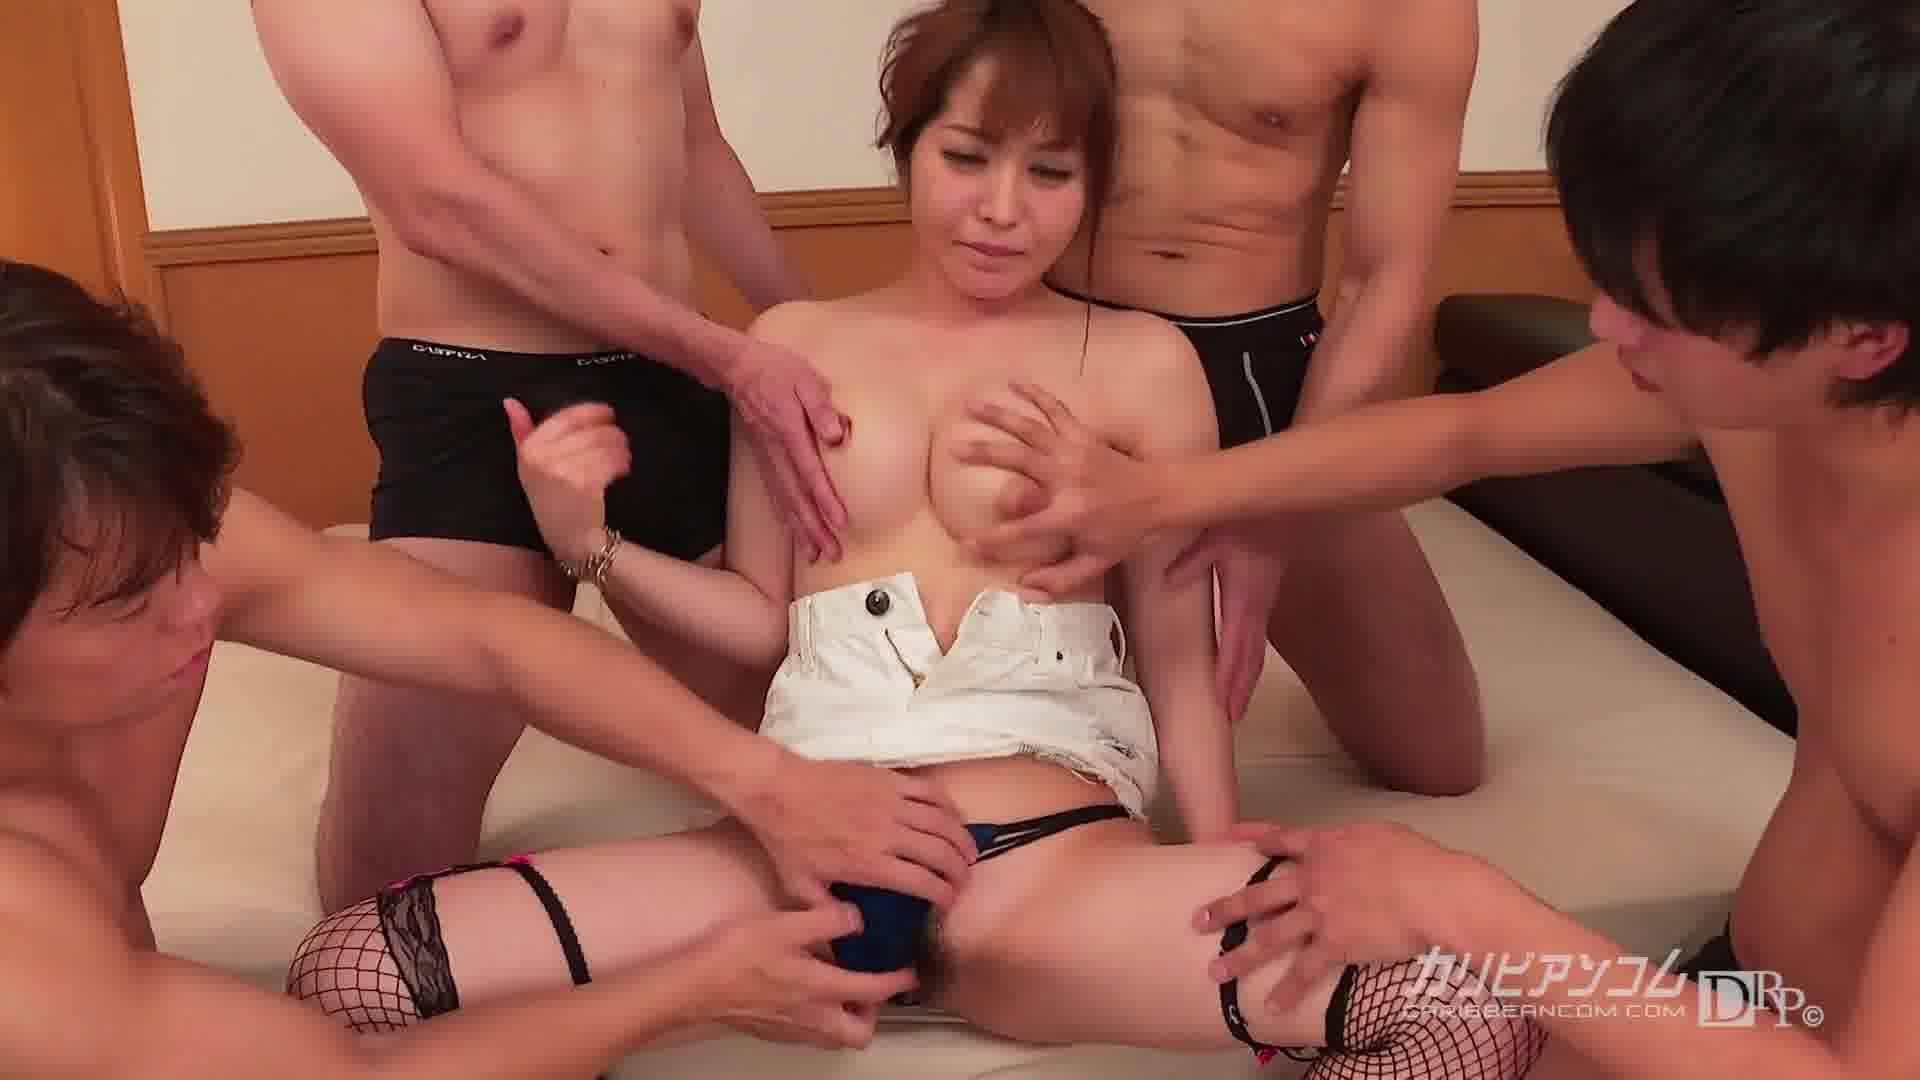 ダイナマイト こころ- こころ【痴女・巨乳・3P】